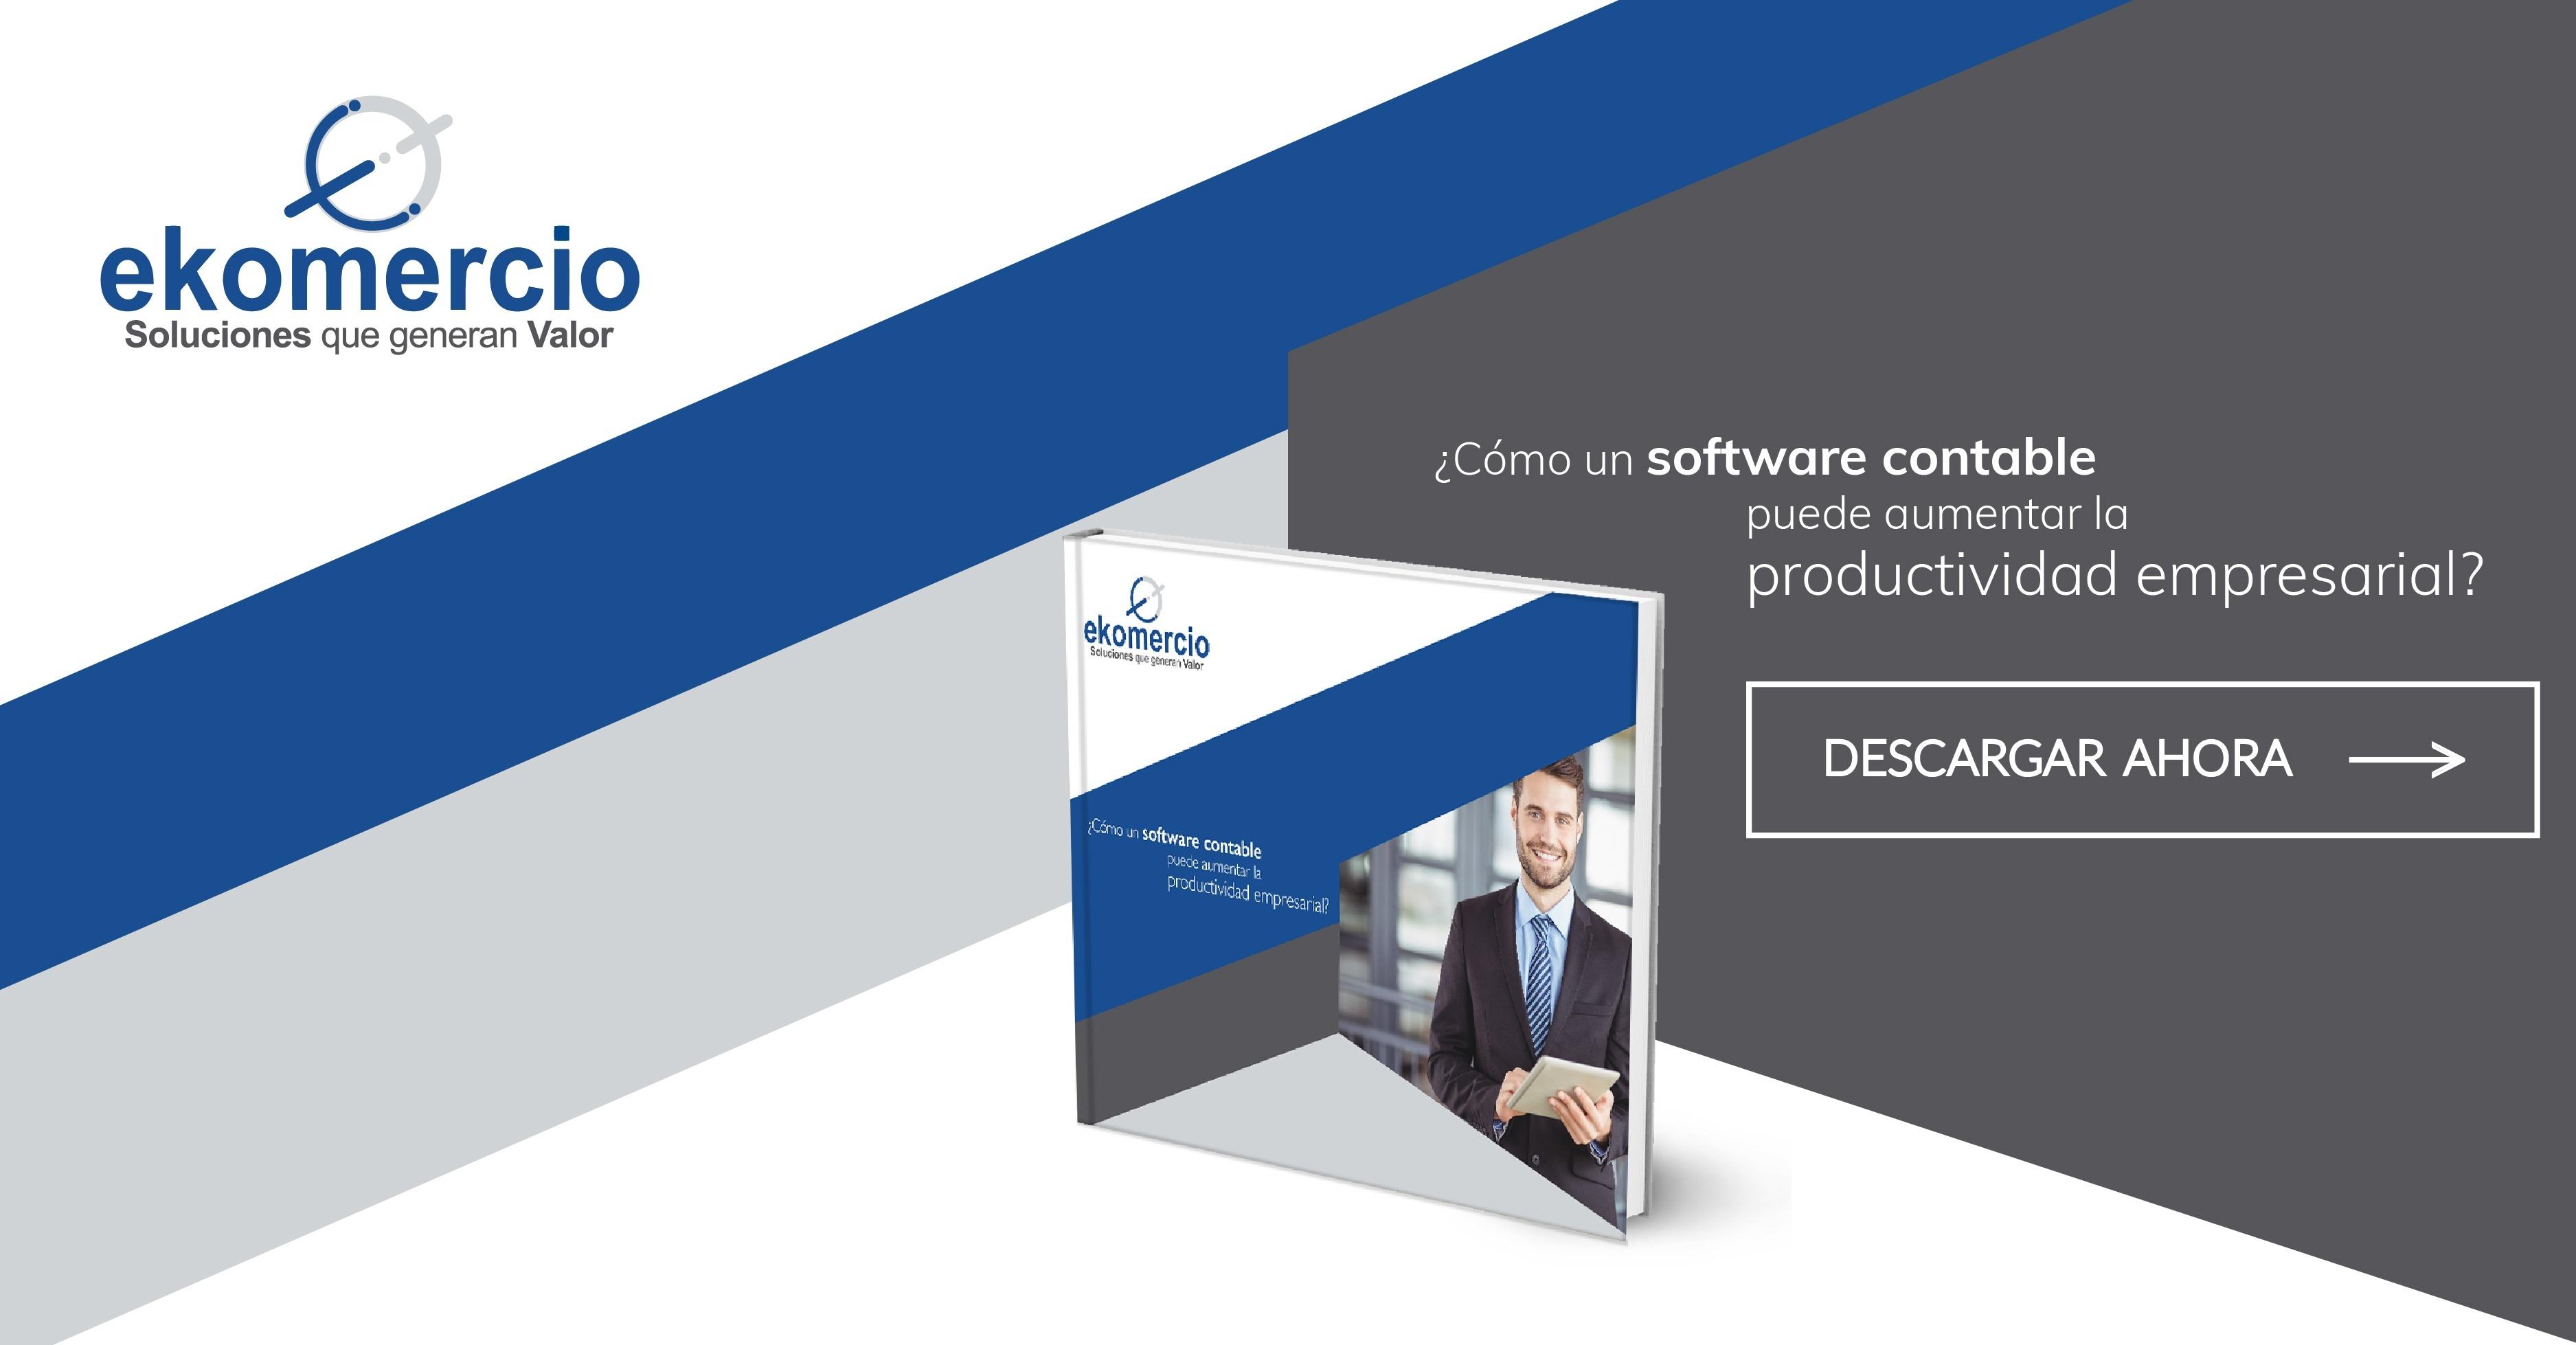 ¿Cómo un software contable puede aumentar la productividad empresarial?